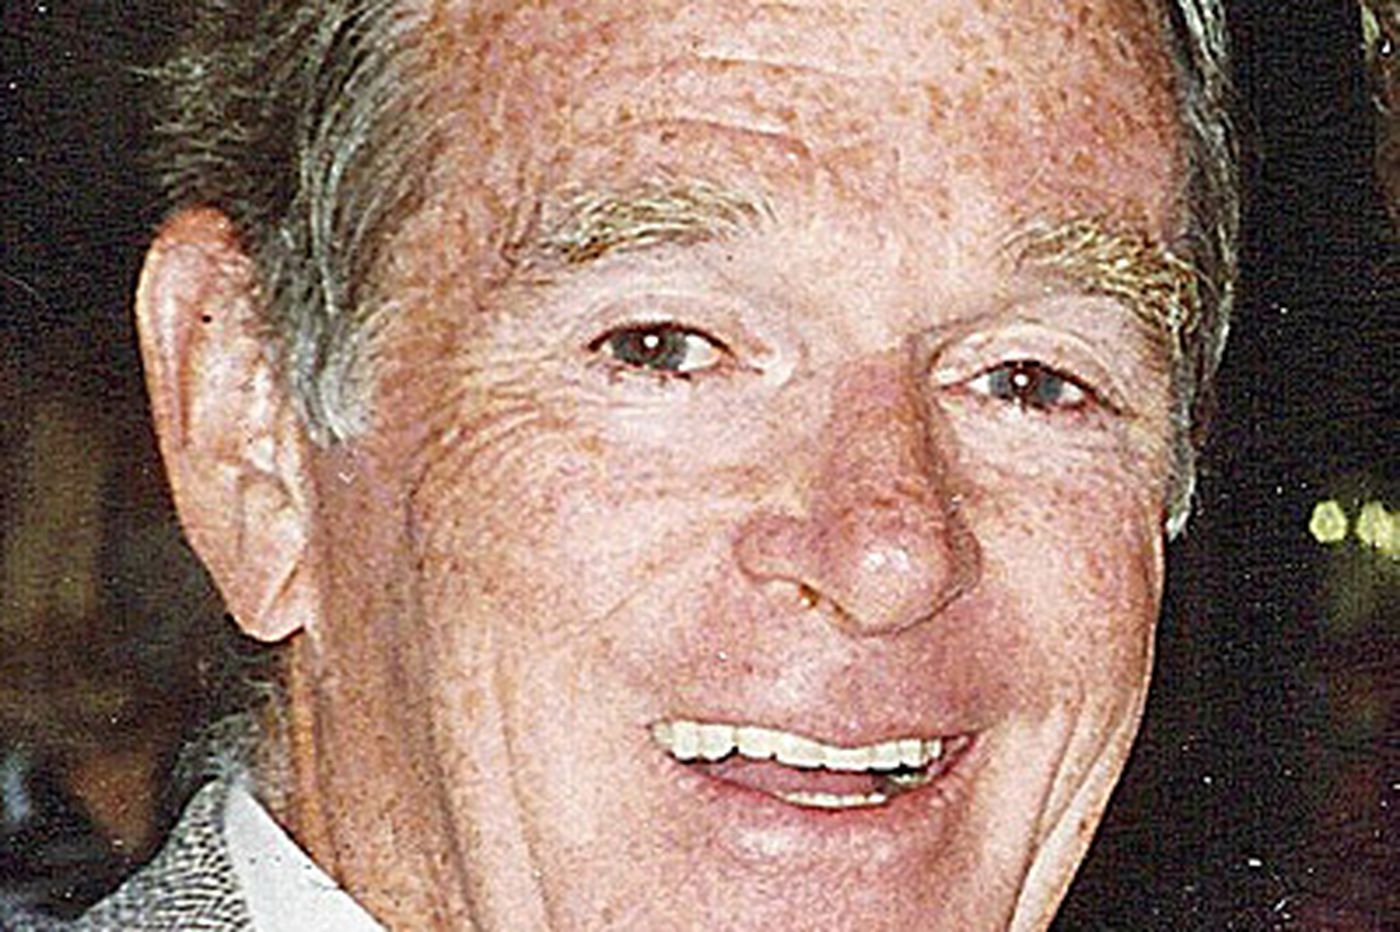 Patrick W. Kittredge, 75, Phila. trial lawyer